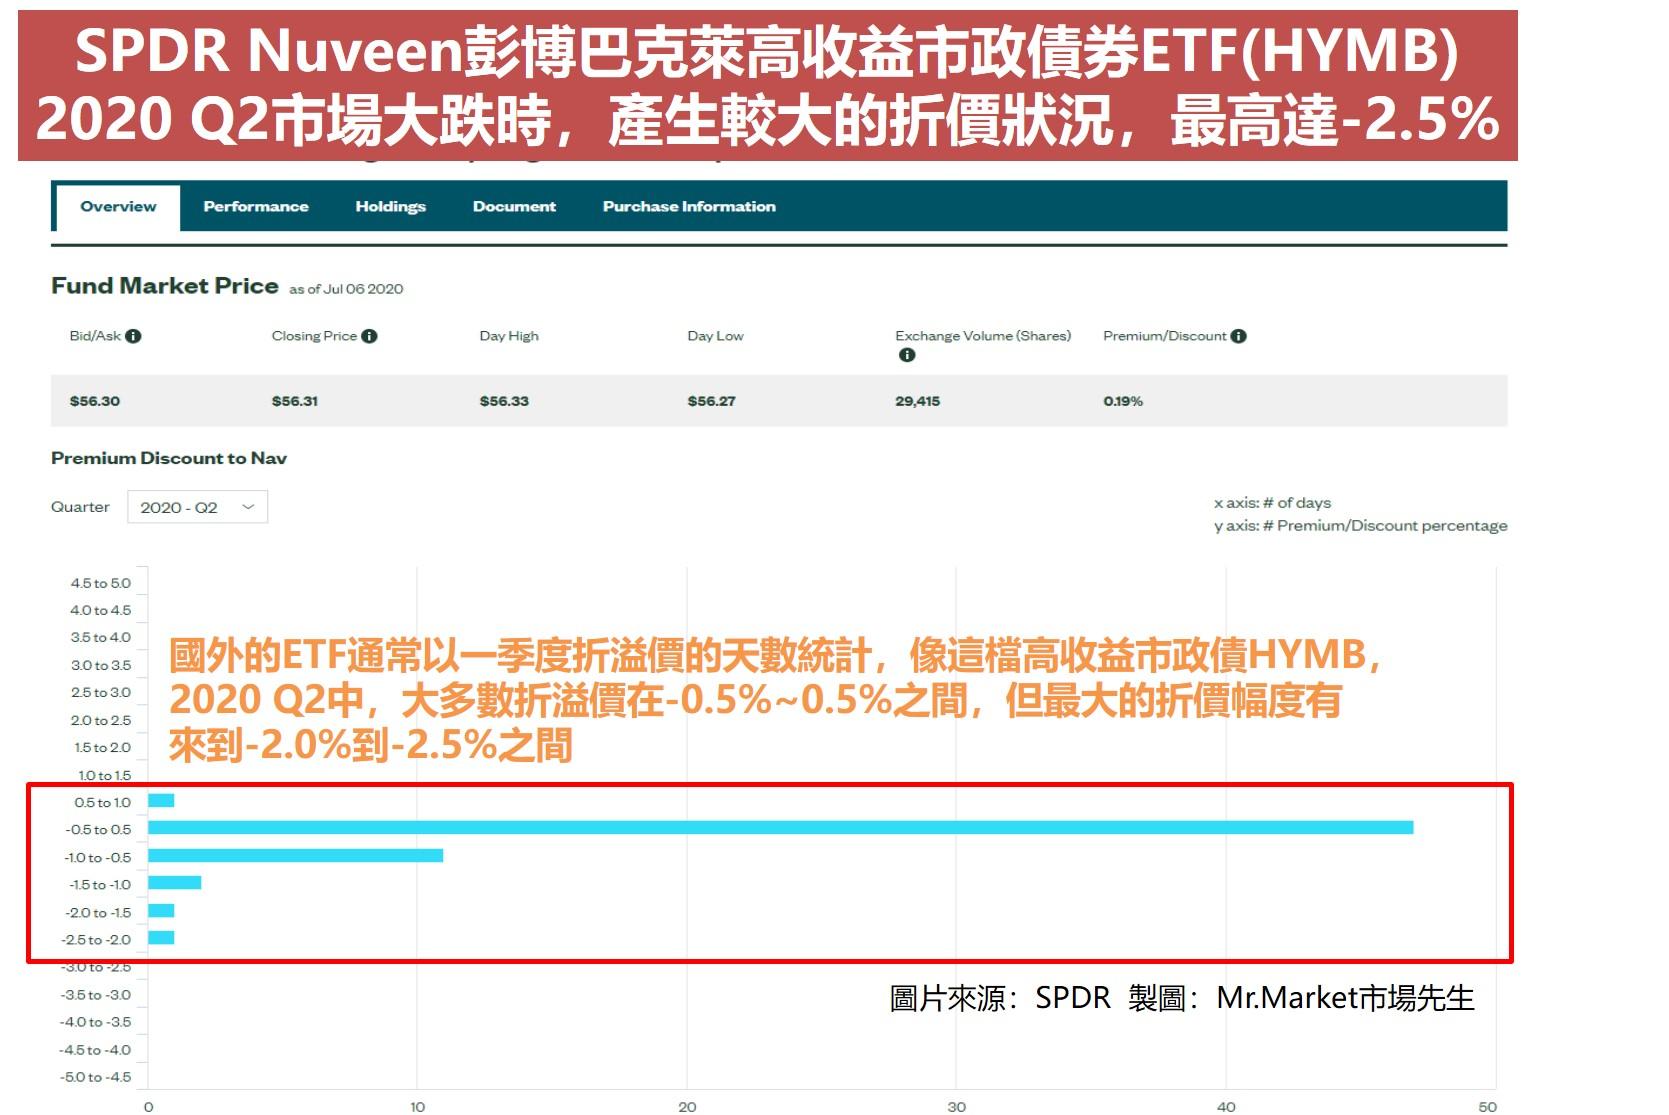 SPDR Nuveen彭博巴克萊高收益市政債券ETF(HYMB) 2020 Q2市場大跌時,產生較大的折價狀況,最高達-2.5%